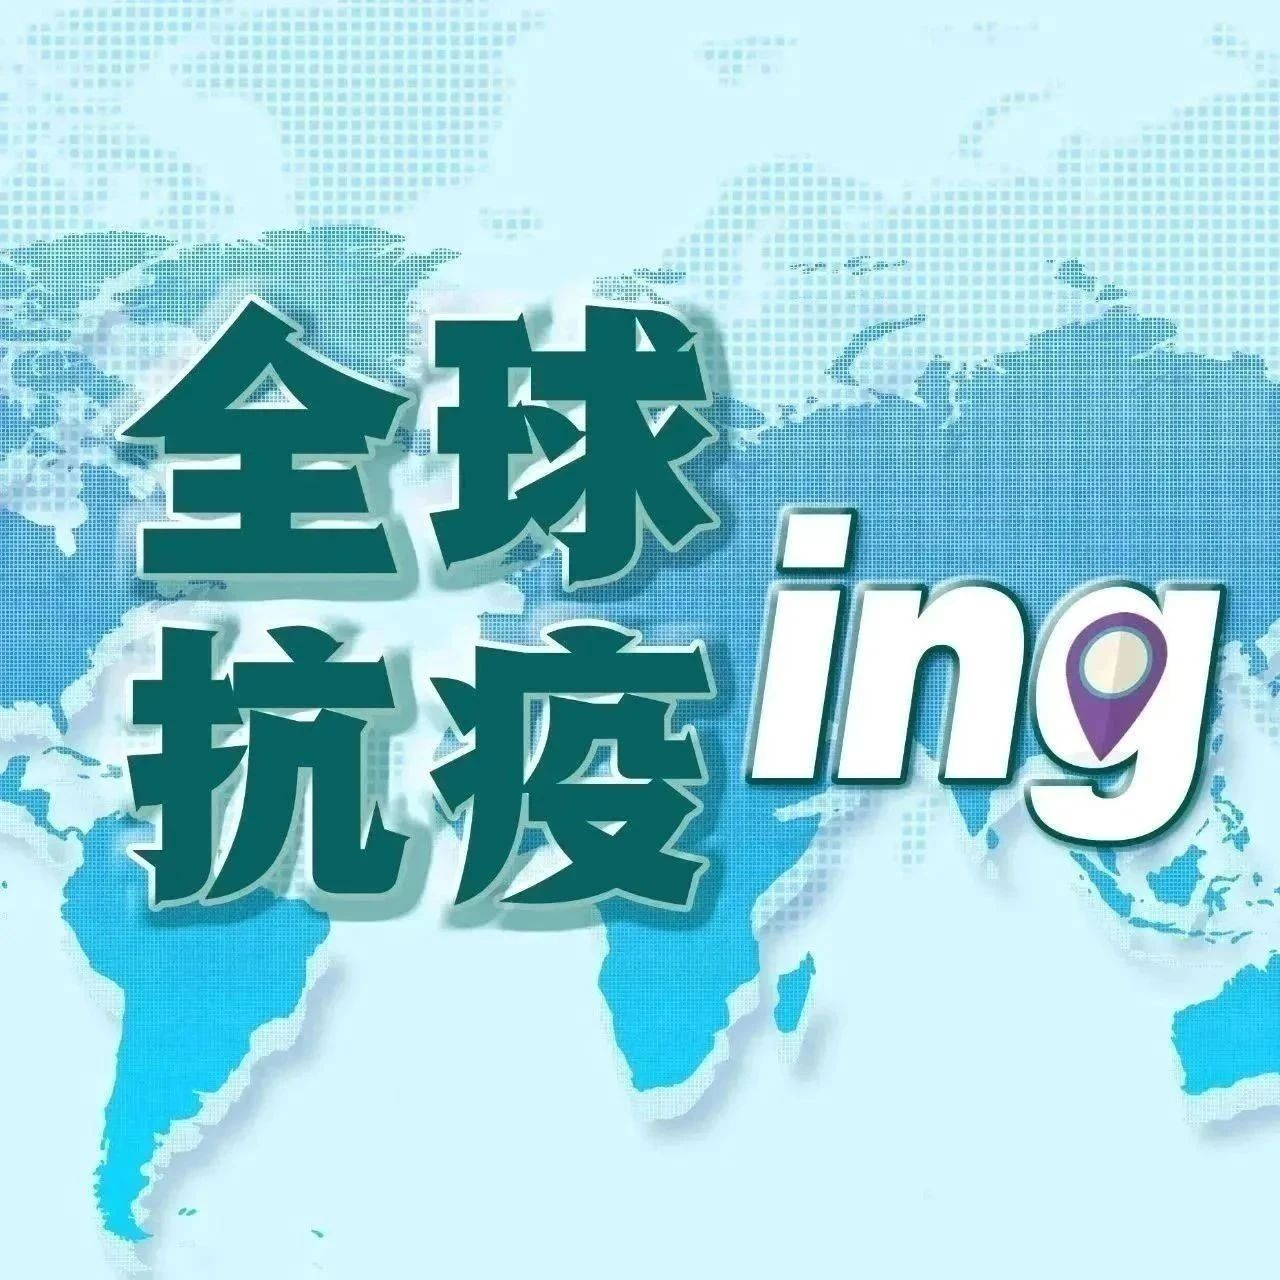 江苏扬州地图「经济日报」